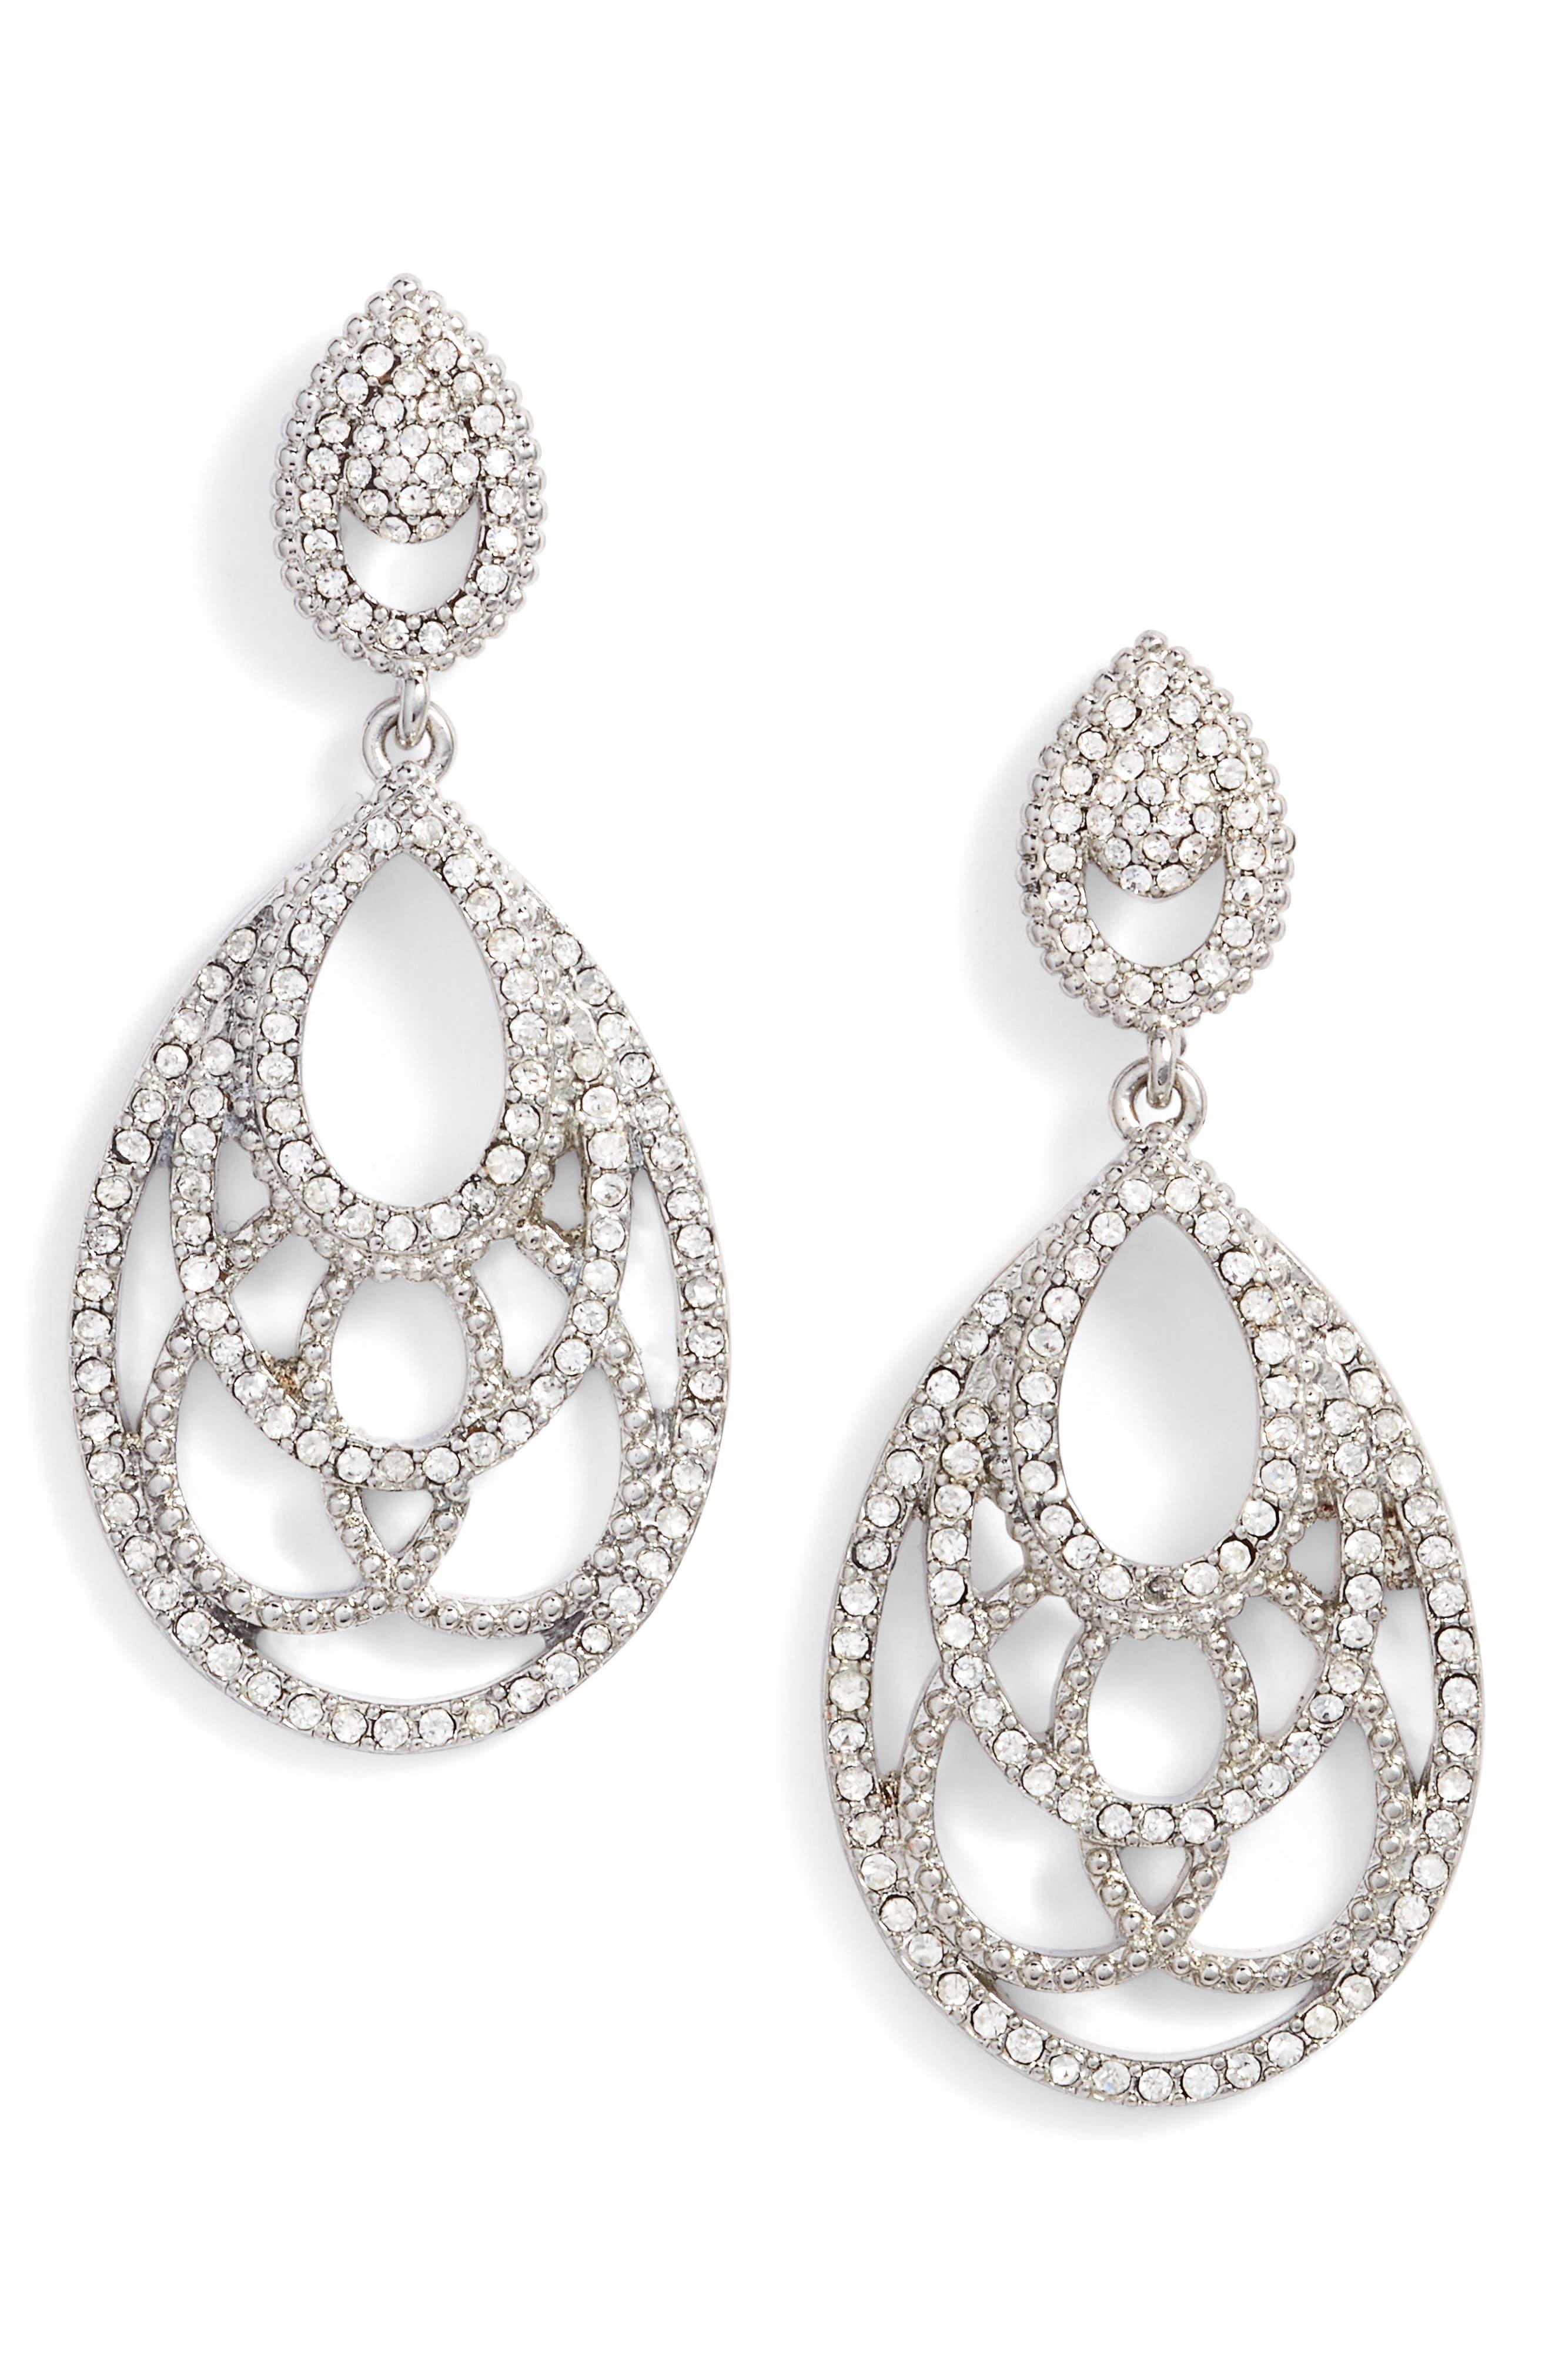 Jenny Packham Openwork Crystal Drop Earrings